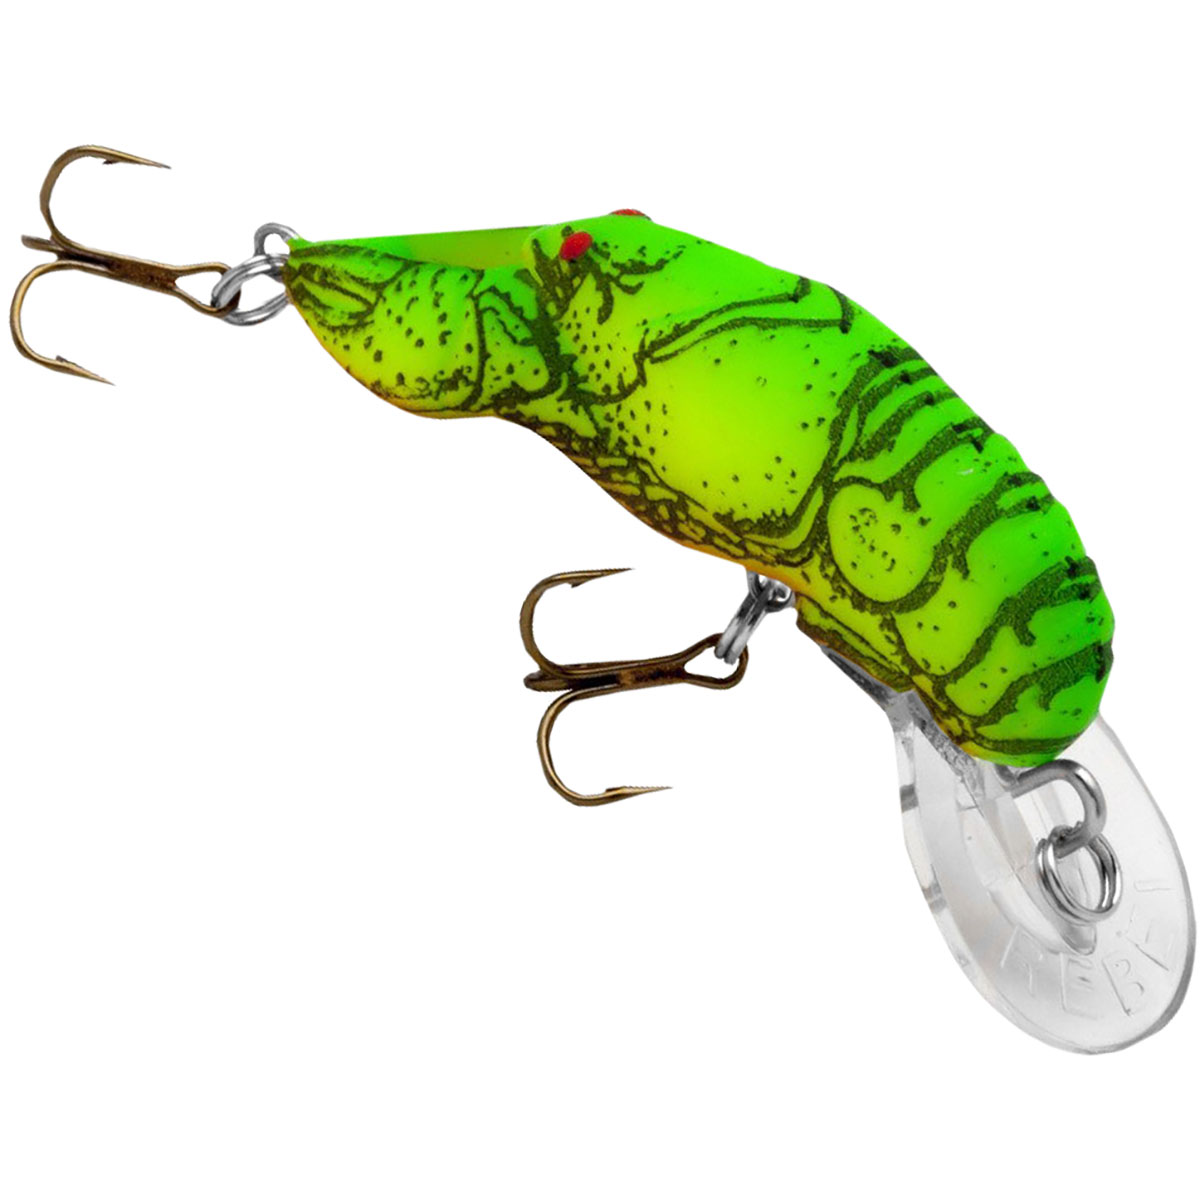 Rebel Teeny Wee Crawfish 1//10 oz Fishing Lure Moss Crawfish